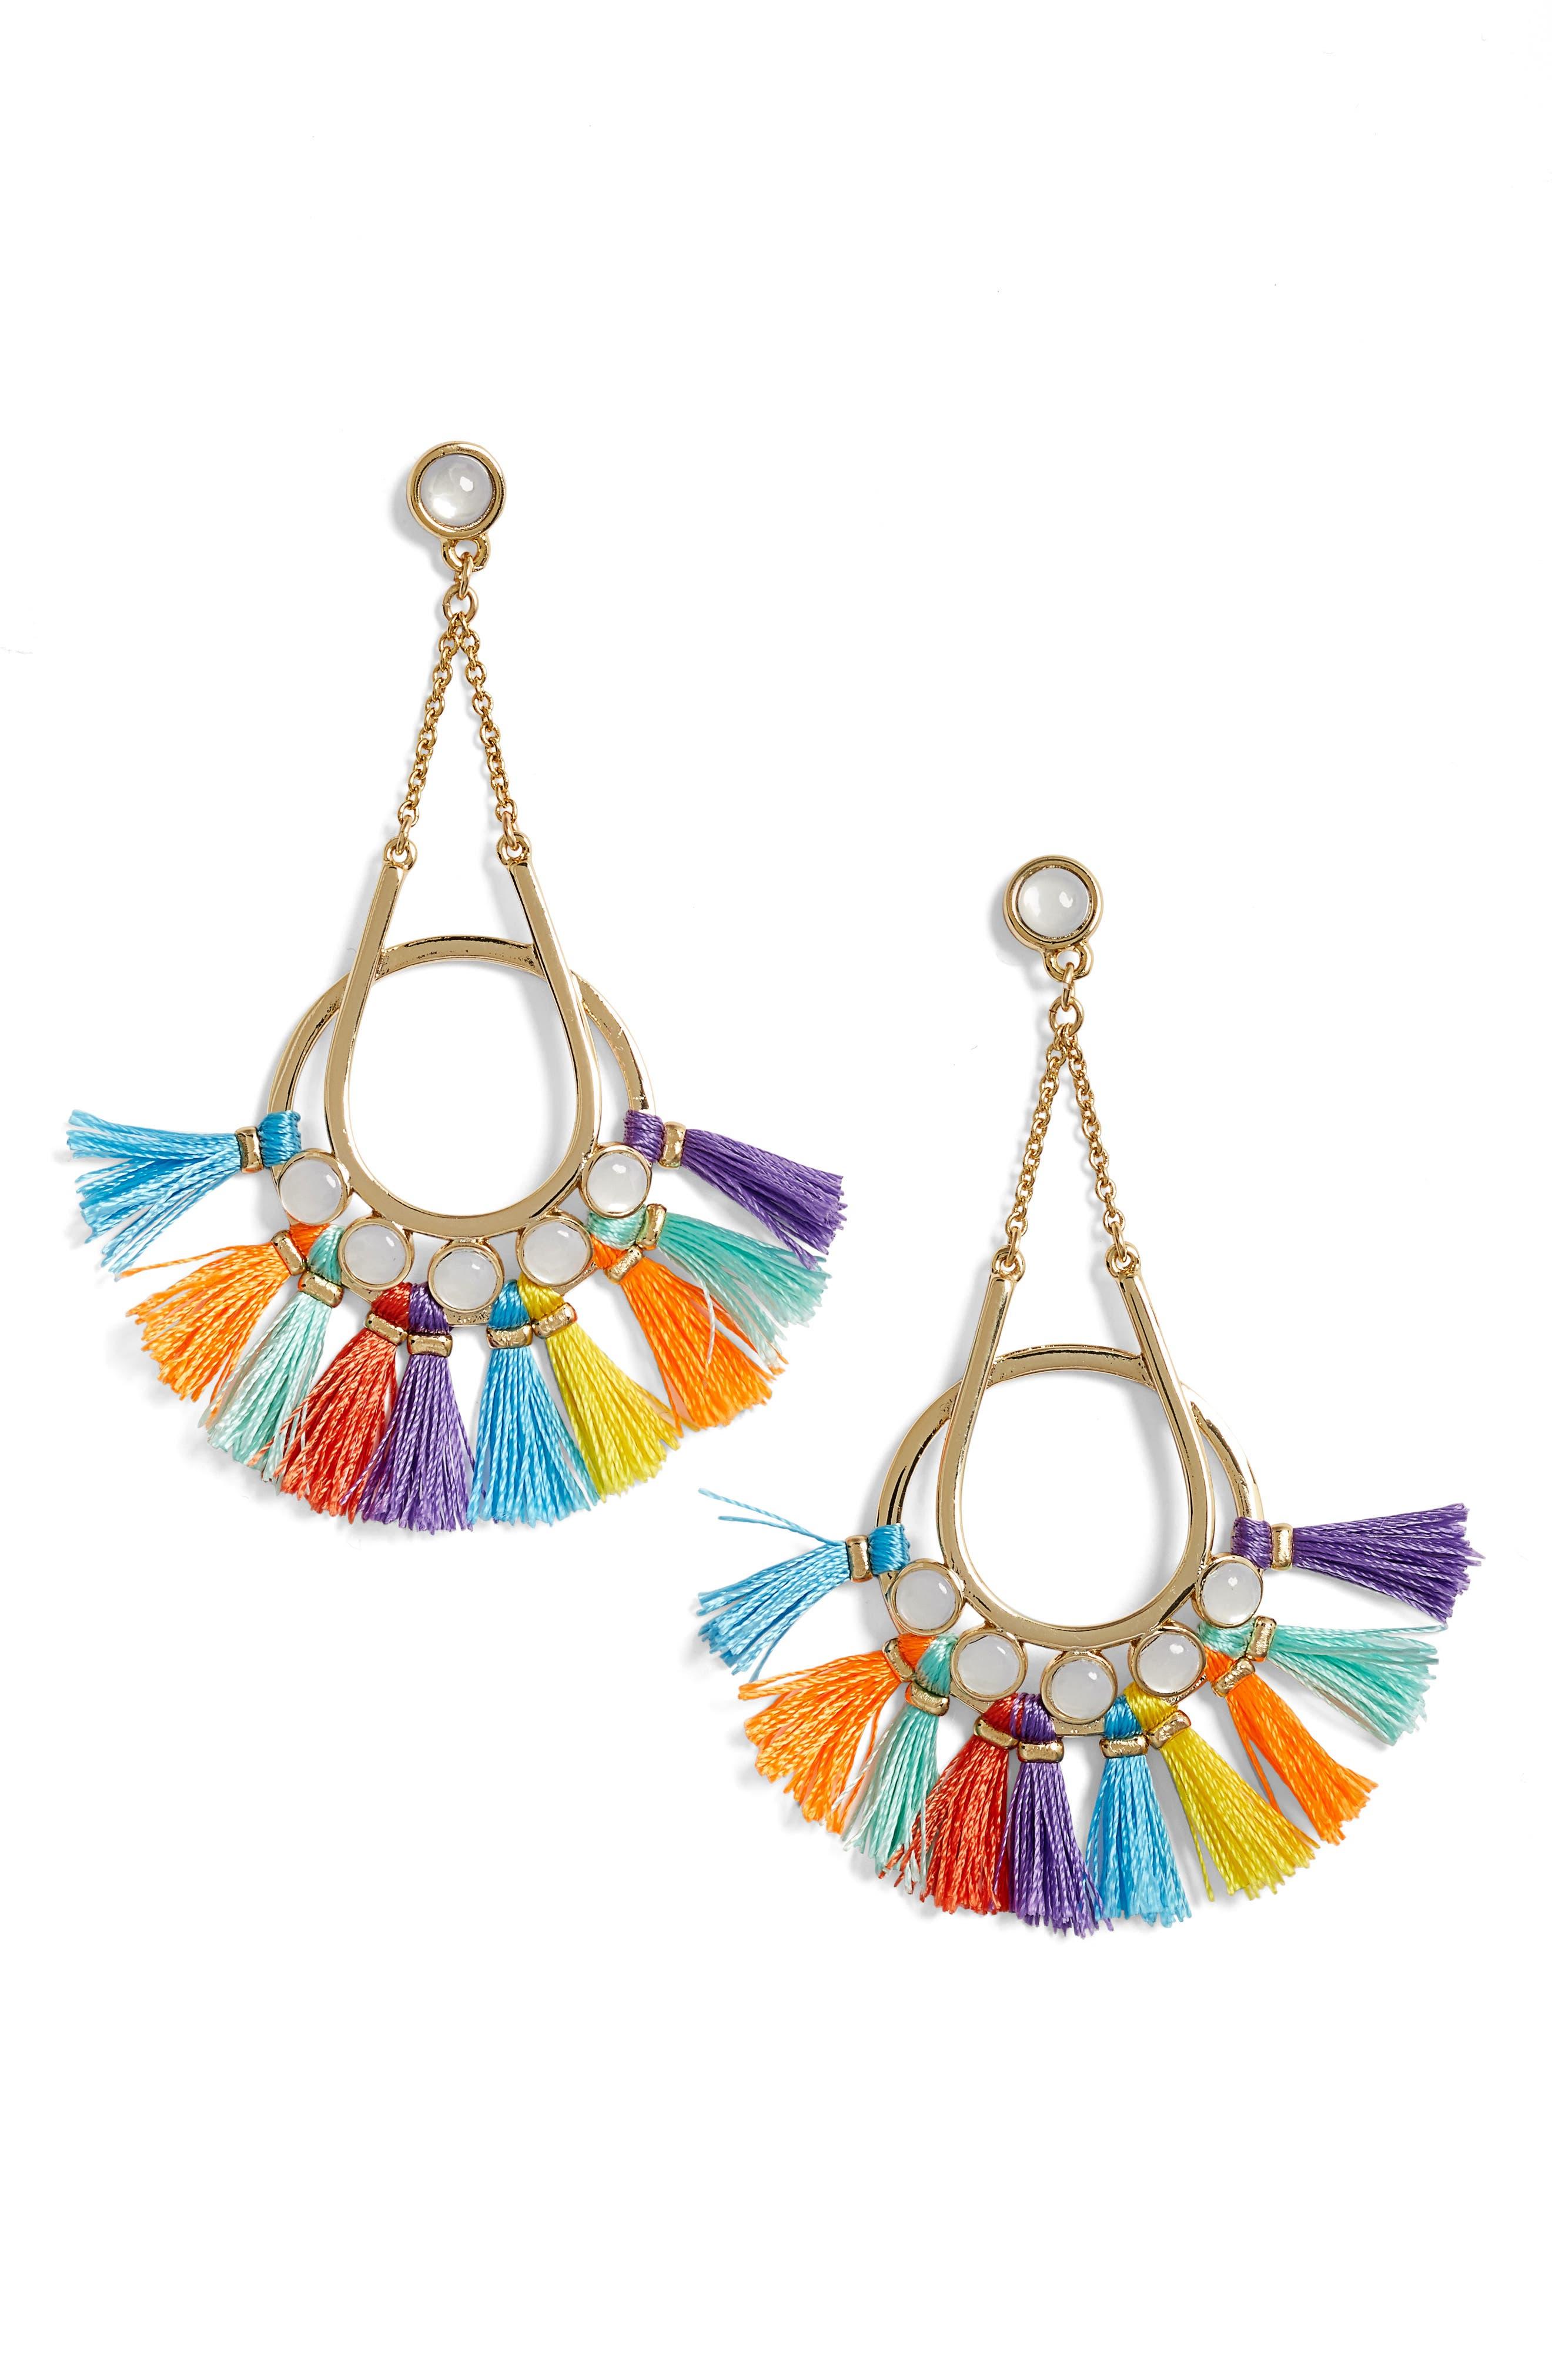 Main Image - Rebecca Minkoff Utopia Tassel Chandelier Earrings